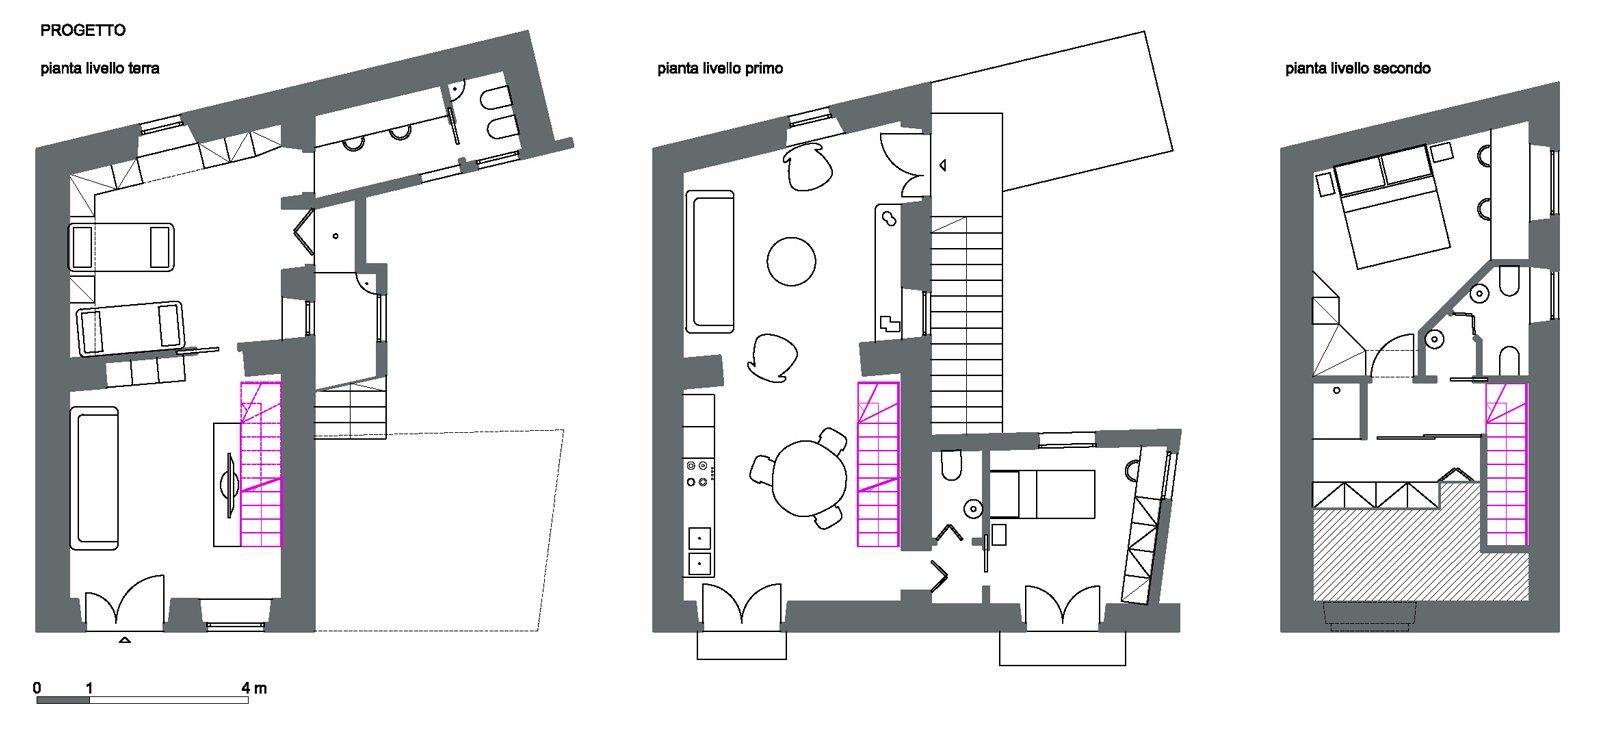 Progetto in pianta e 3d della casa su 3 livelli cose di casa for Casa moderna pianta